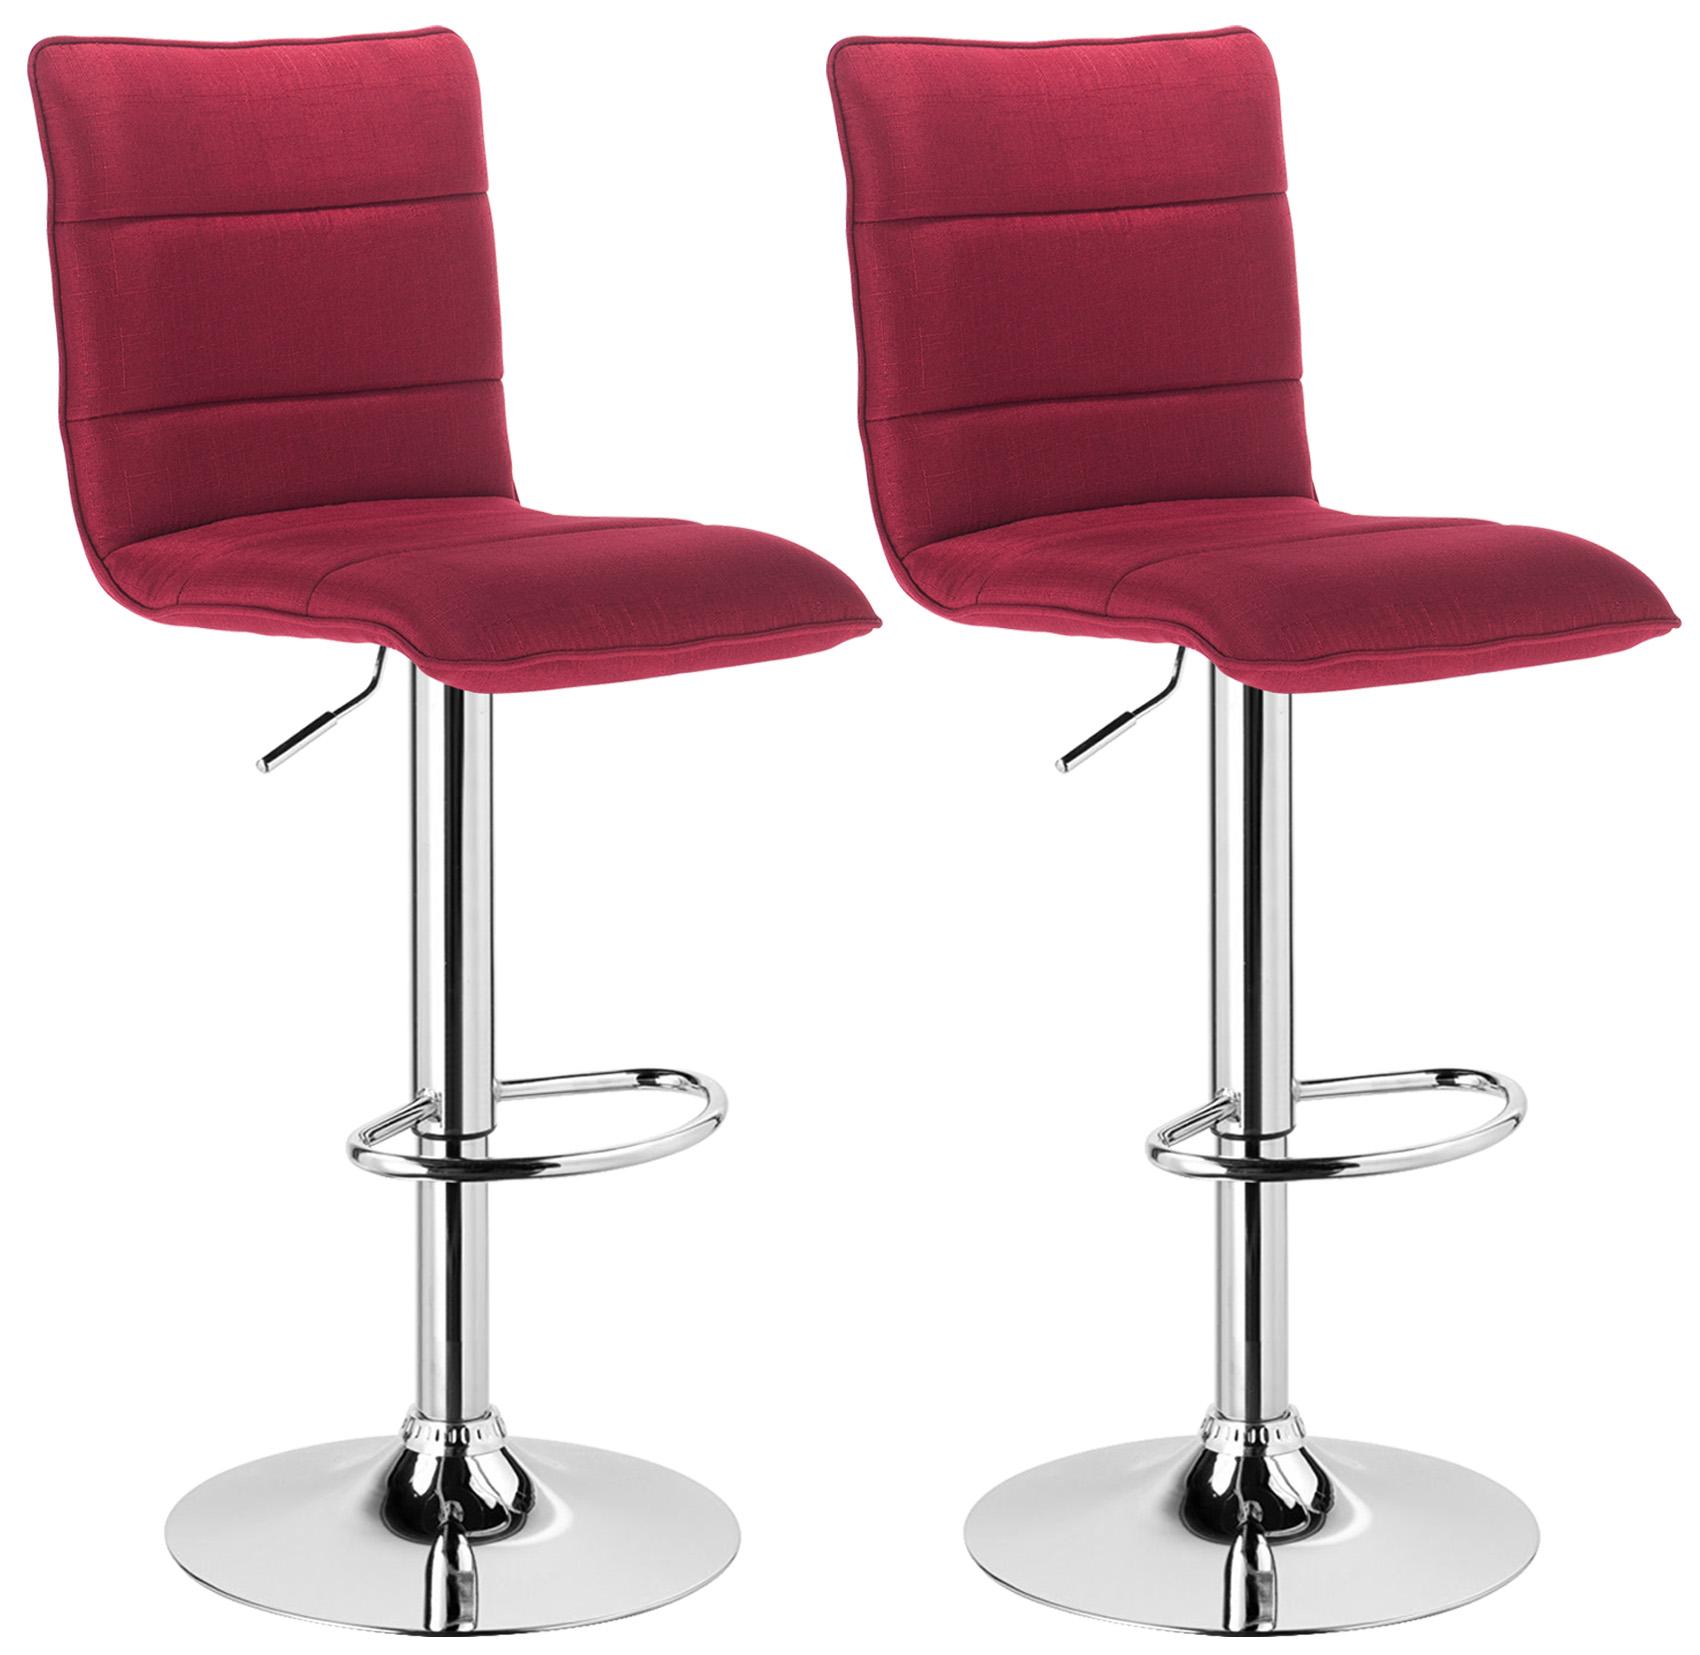 2-Tabouret-de-bar-en-lin-avec-repose-pieds-reglable-et-360-de-rotation-f096